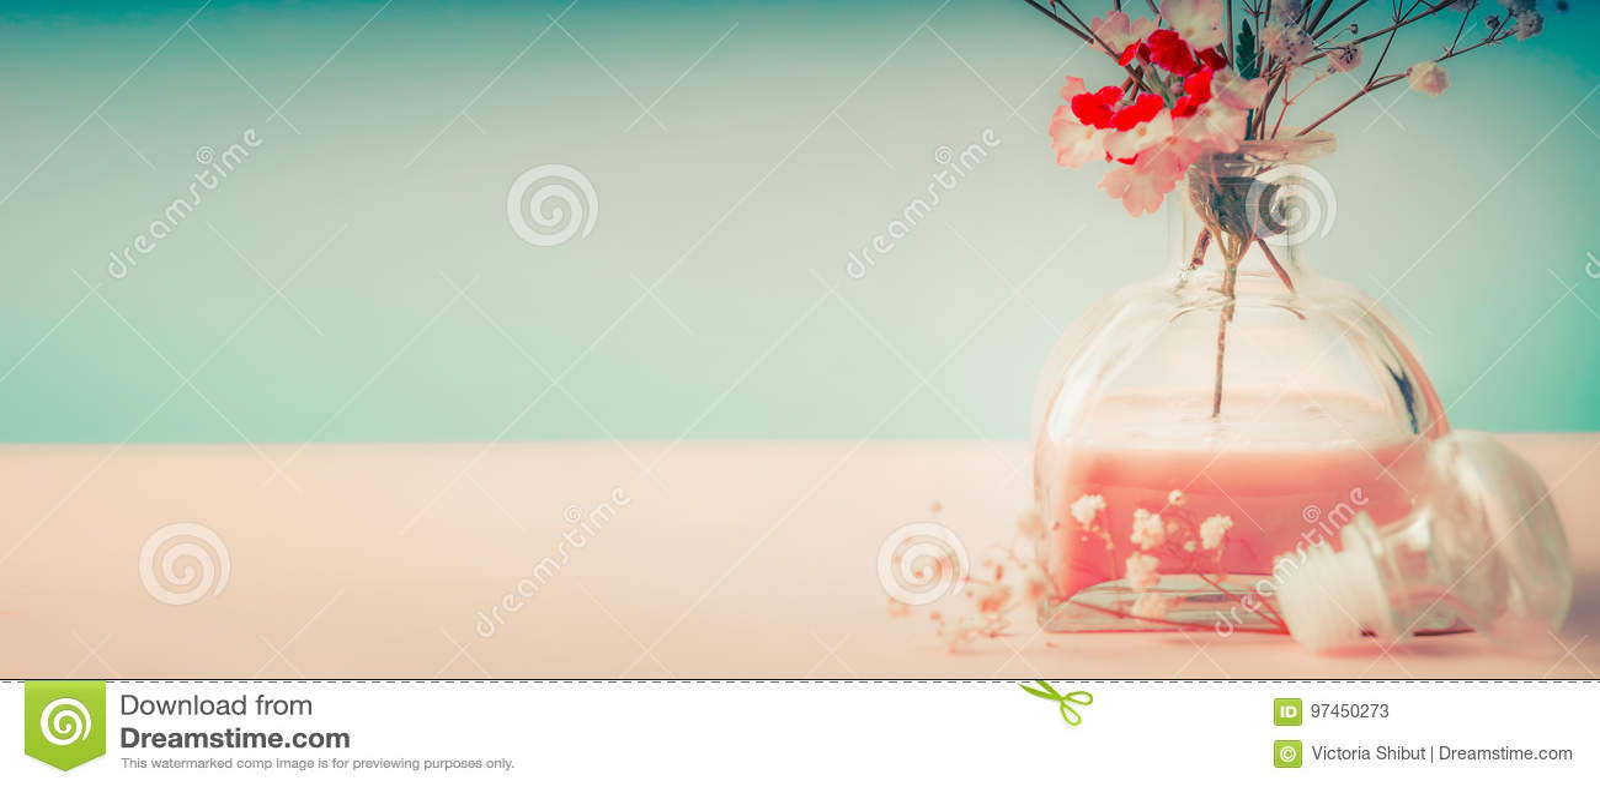 Stazione termale o fondo di benessere con la bottiglia ed i fiori di fragranza della stanza su fondo pastello, vista frontale